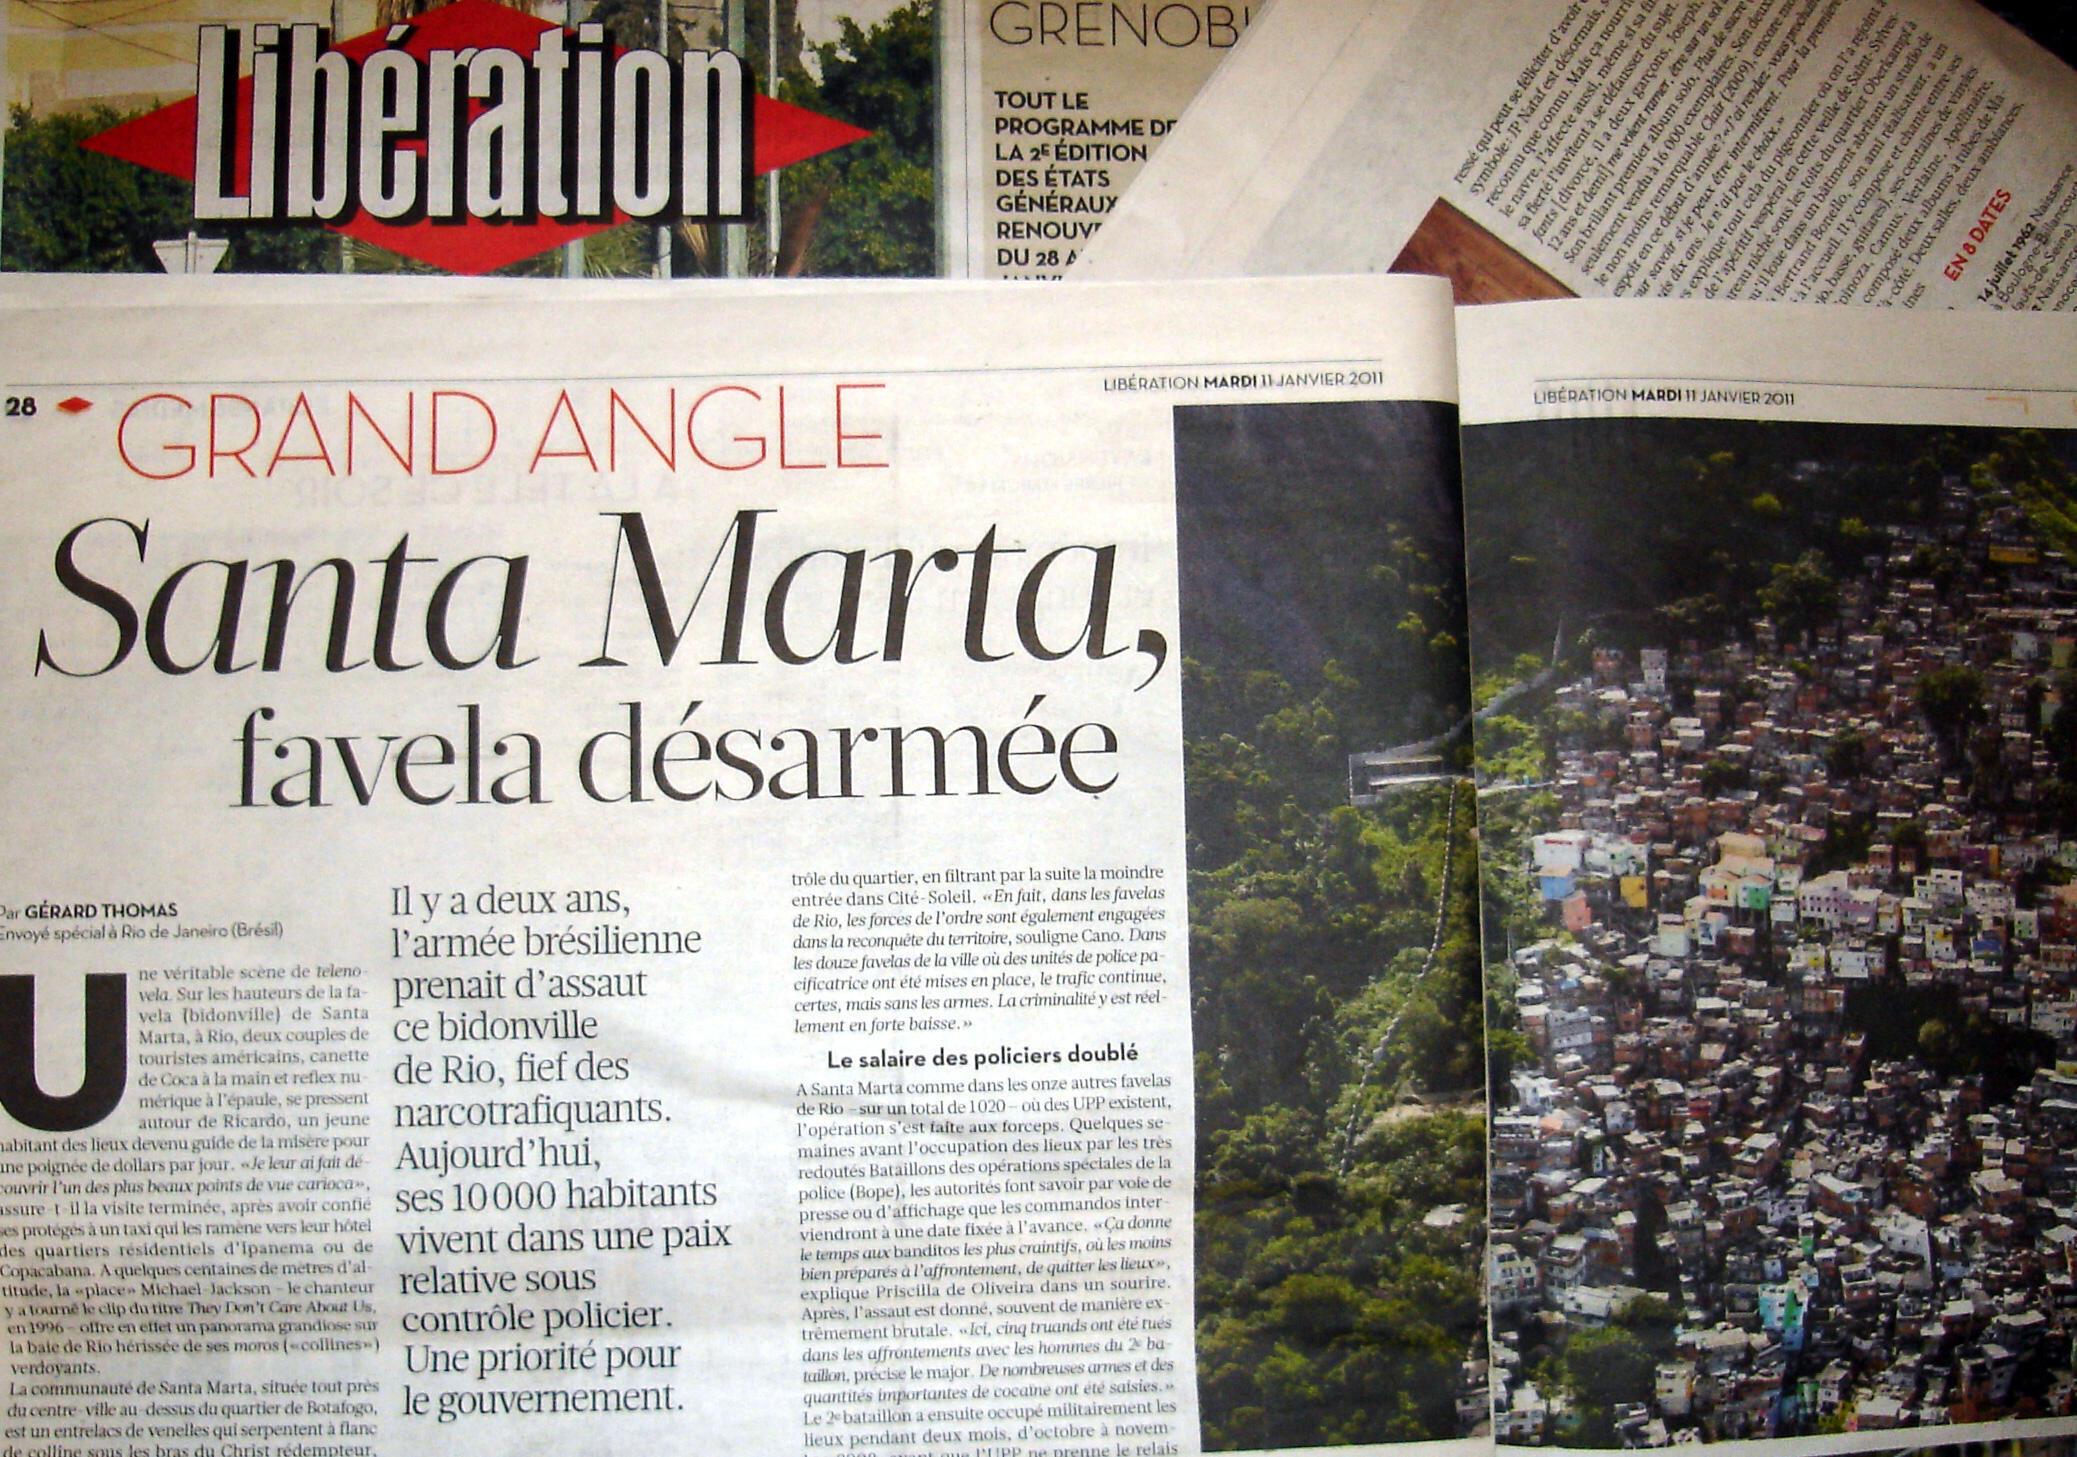 Artigo do jornal Libération relata vida da comunidade de Santa Marta dois anos depois da intervenção da polícia.